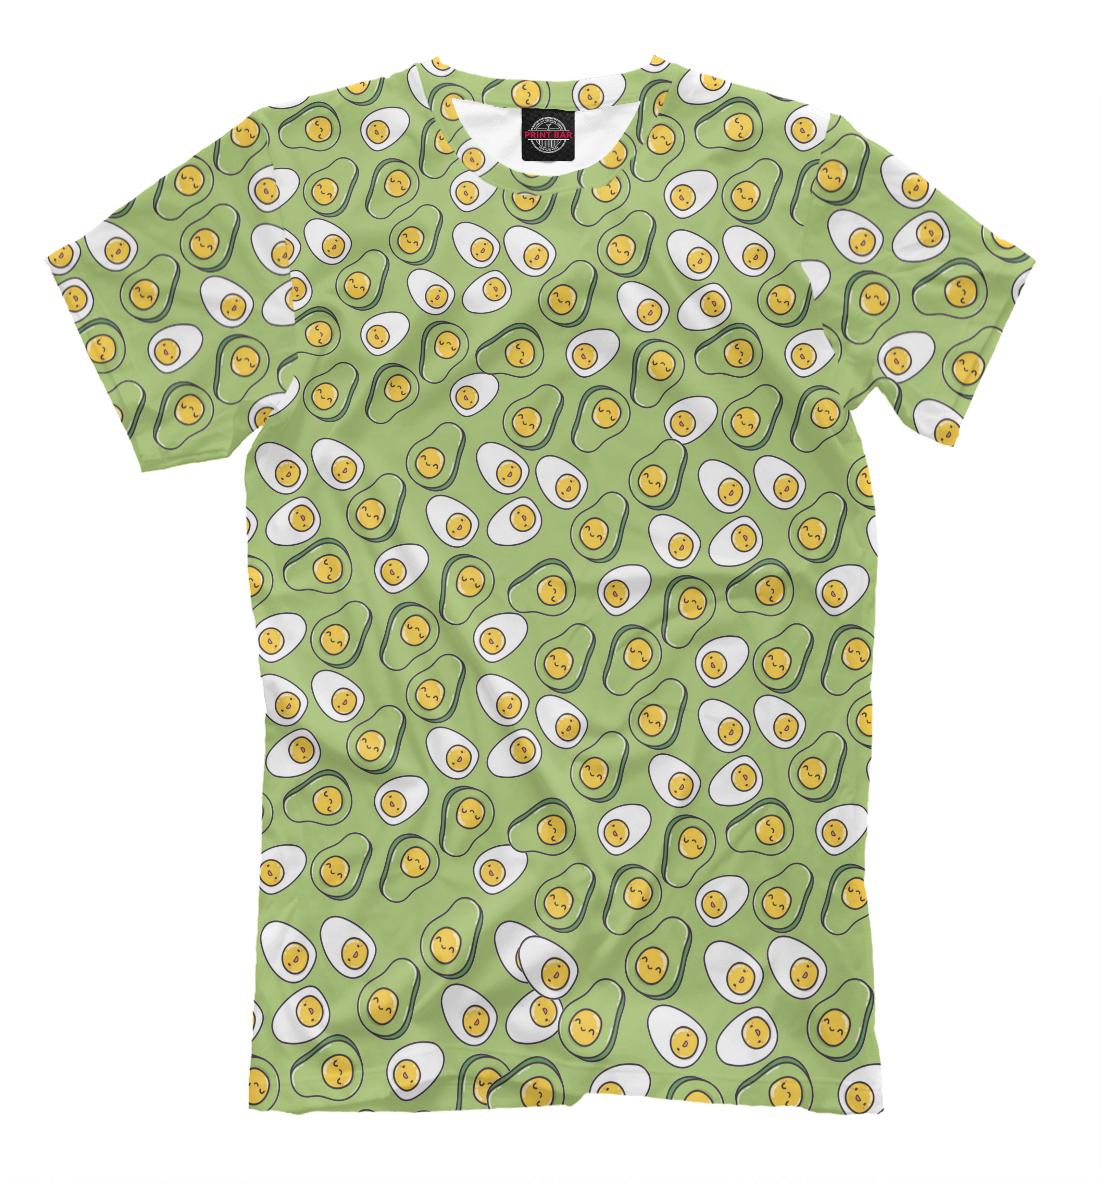 Зеленые авокадо, Printbar, Футболки, EDA-442183-fut-2  - купить со скидкой